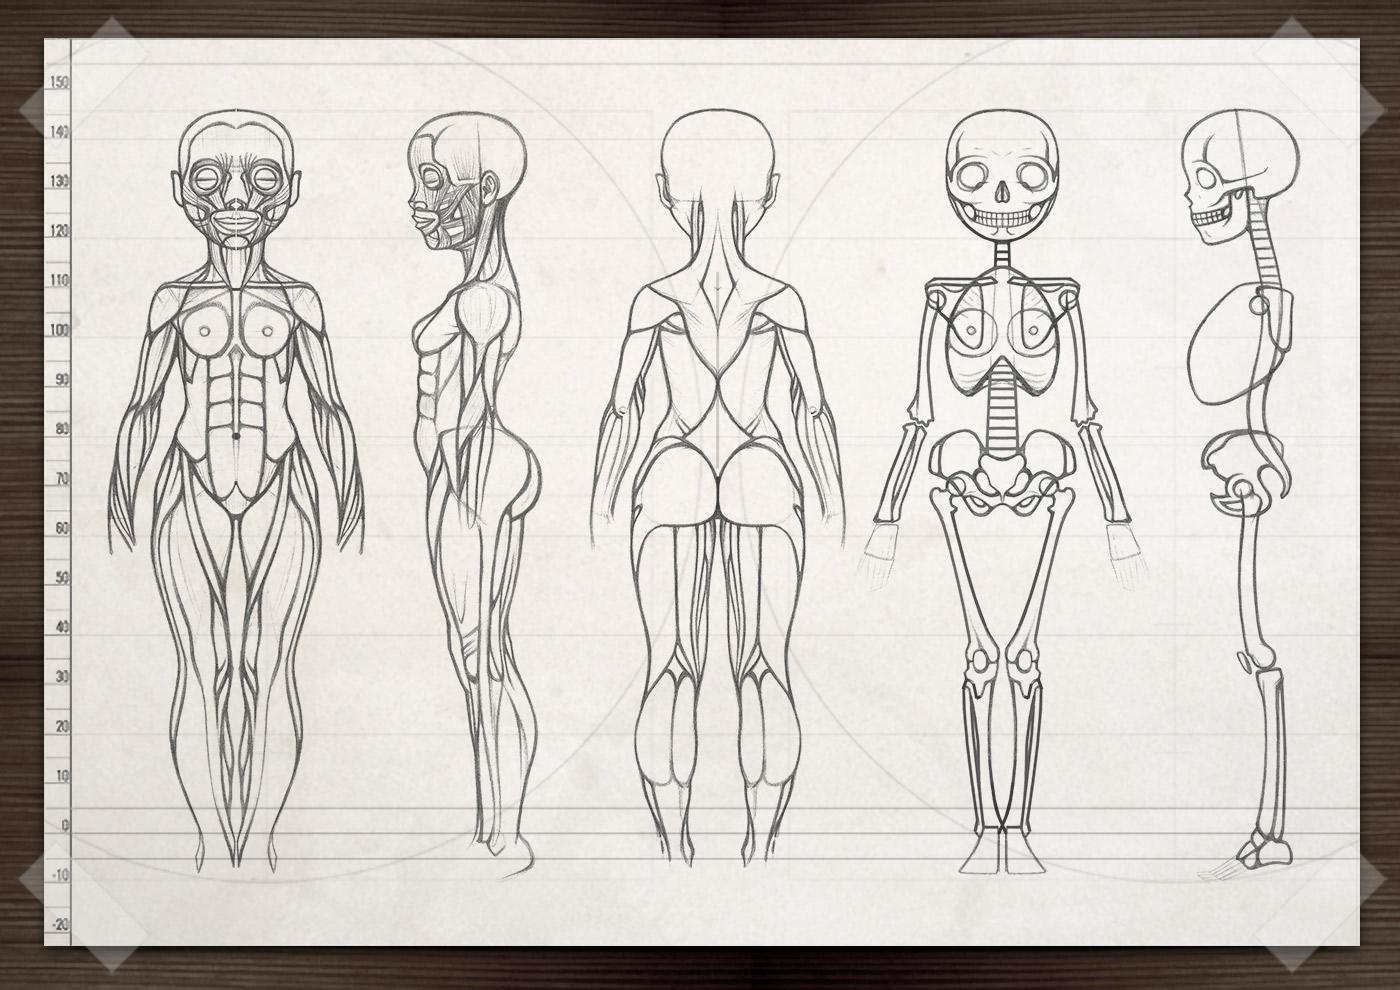 Characterdesign für Lily Lux mit Ansicht vorn, halbvorn, Seite, halbhinten und hinten